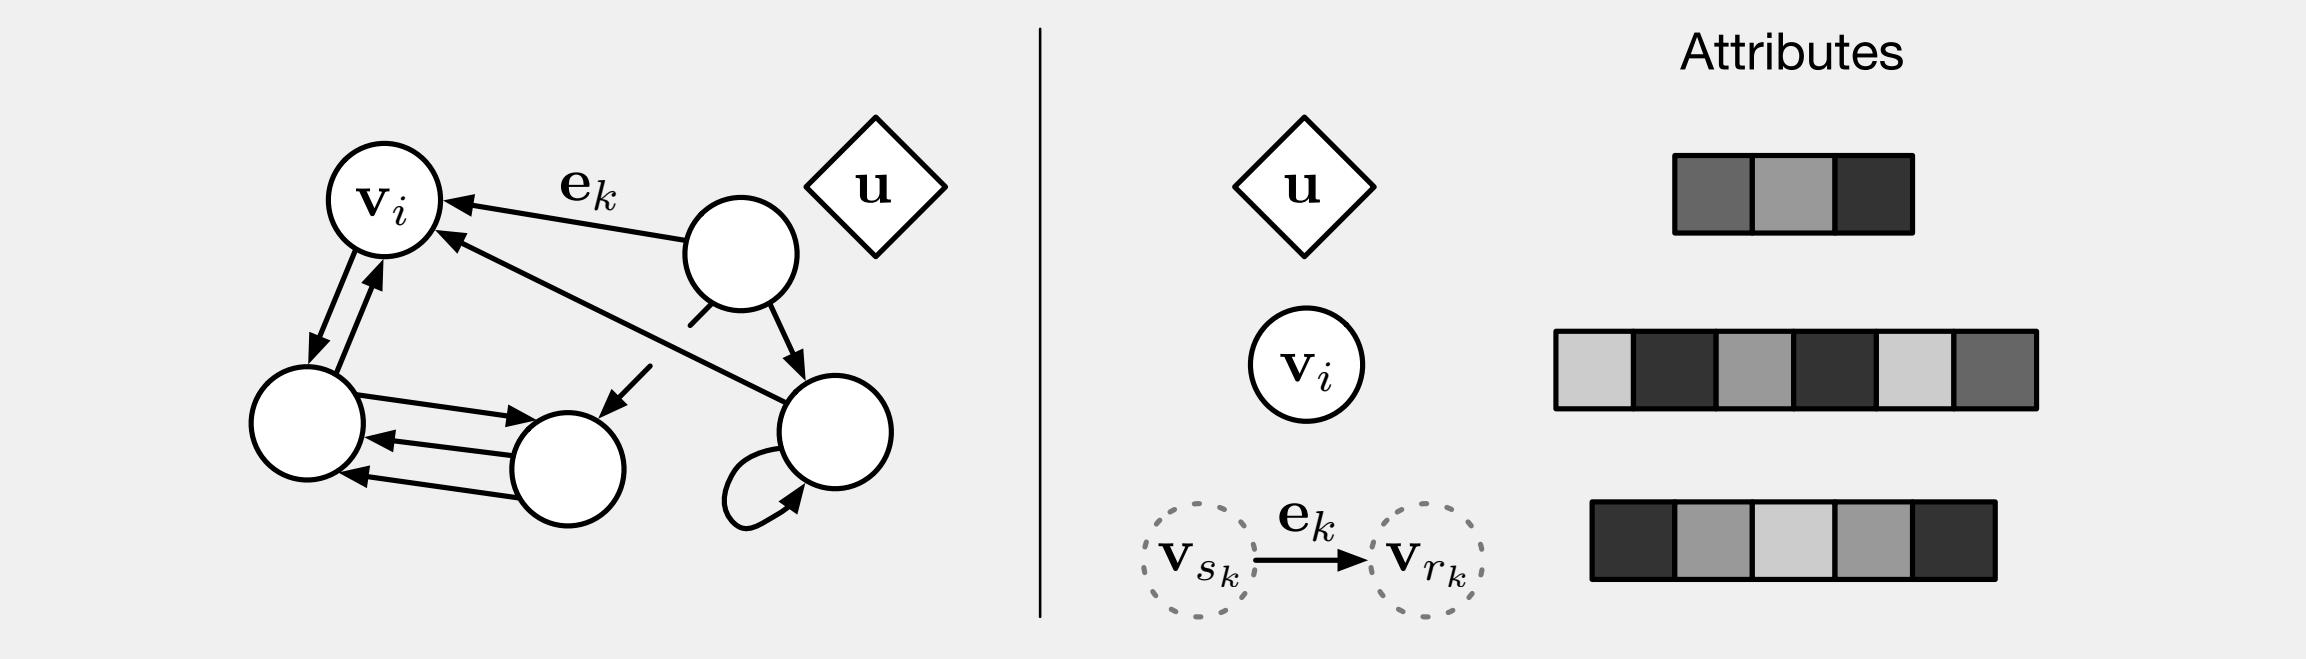 DeepMind et al Paper Trumpets Graph Networks